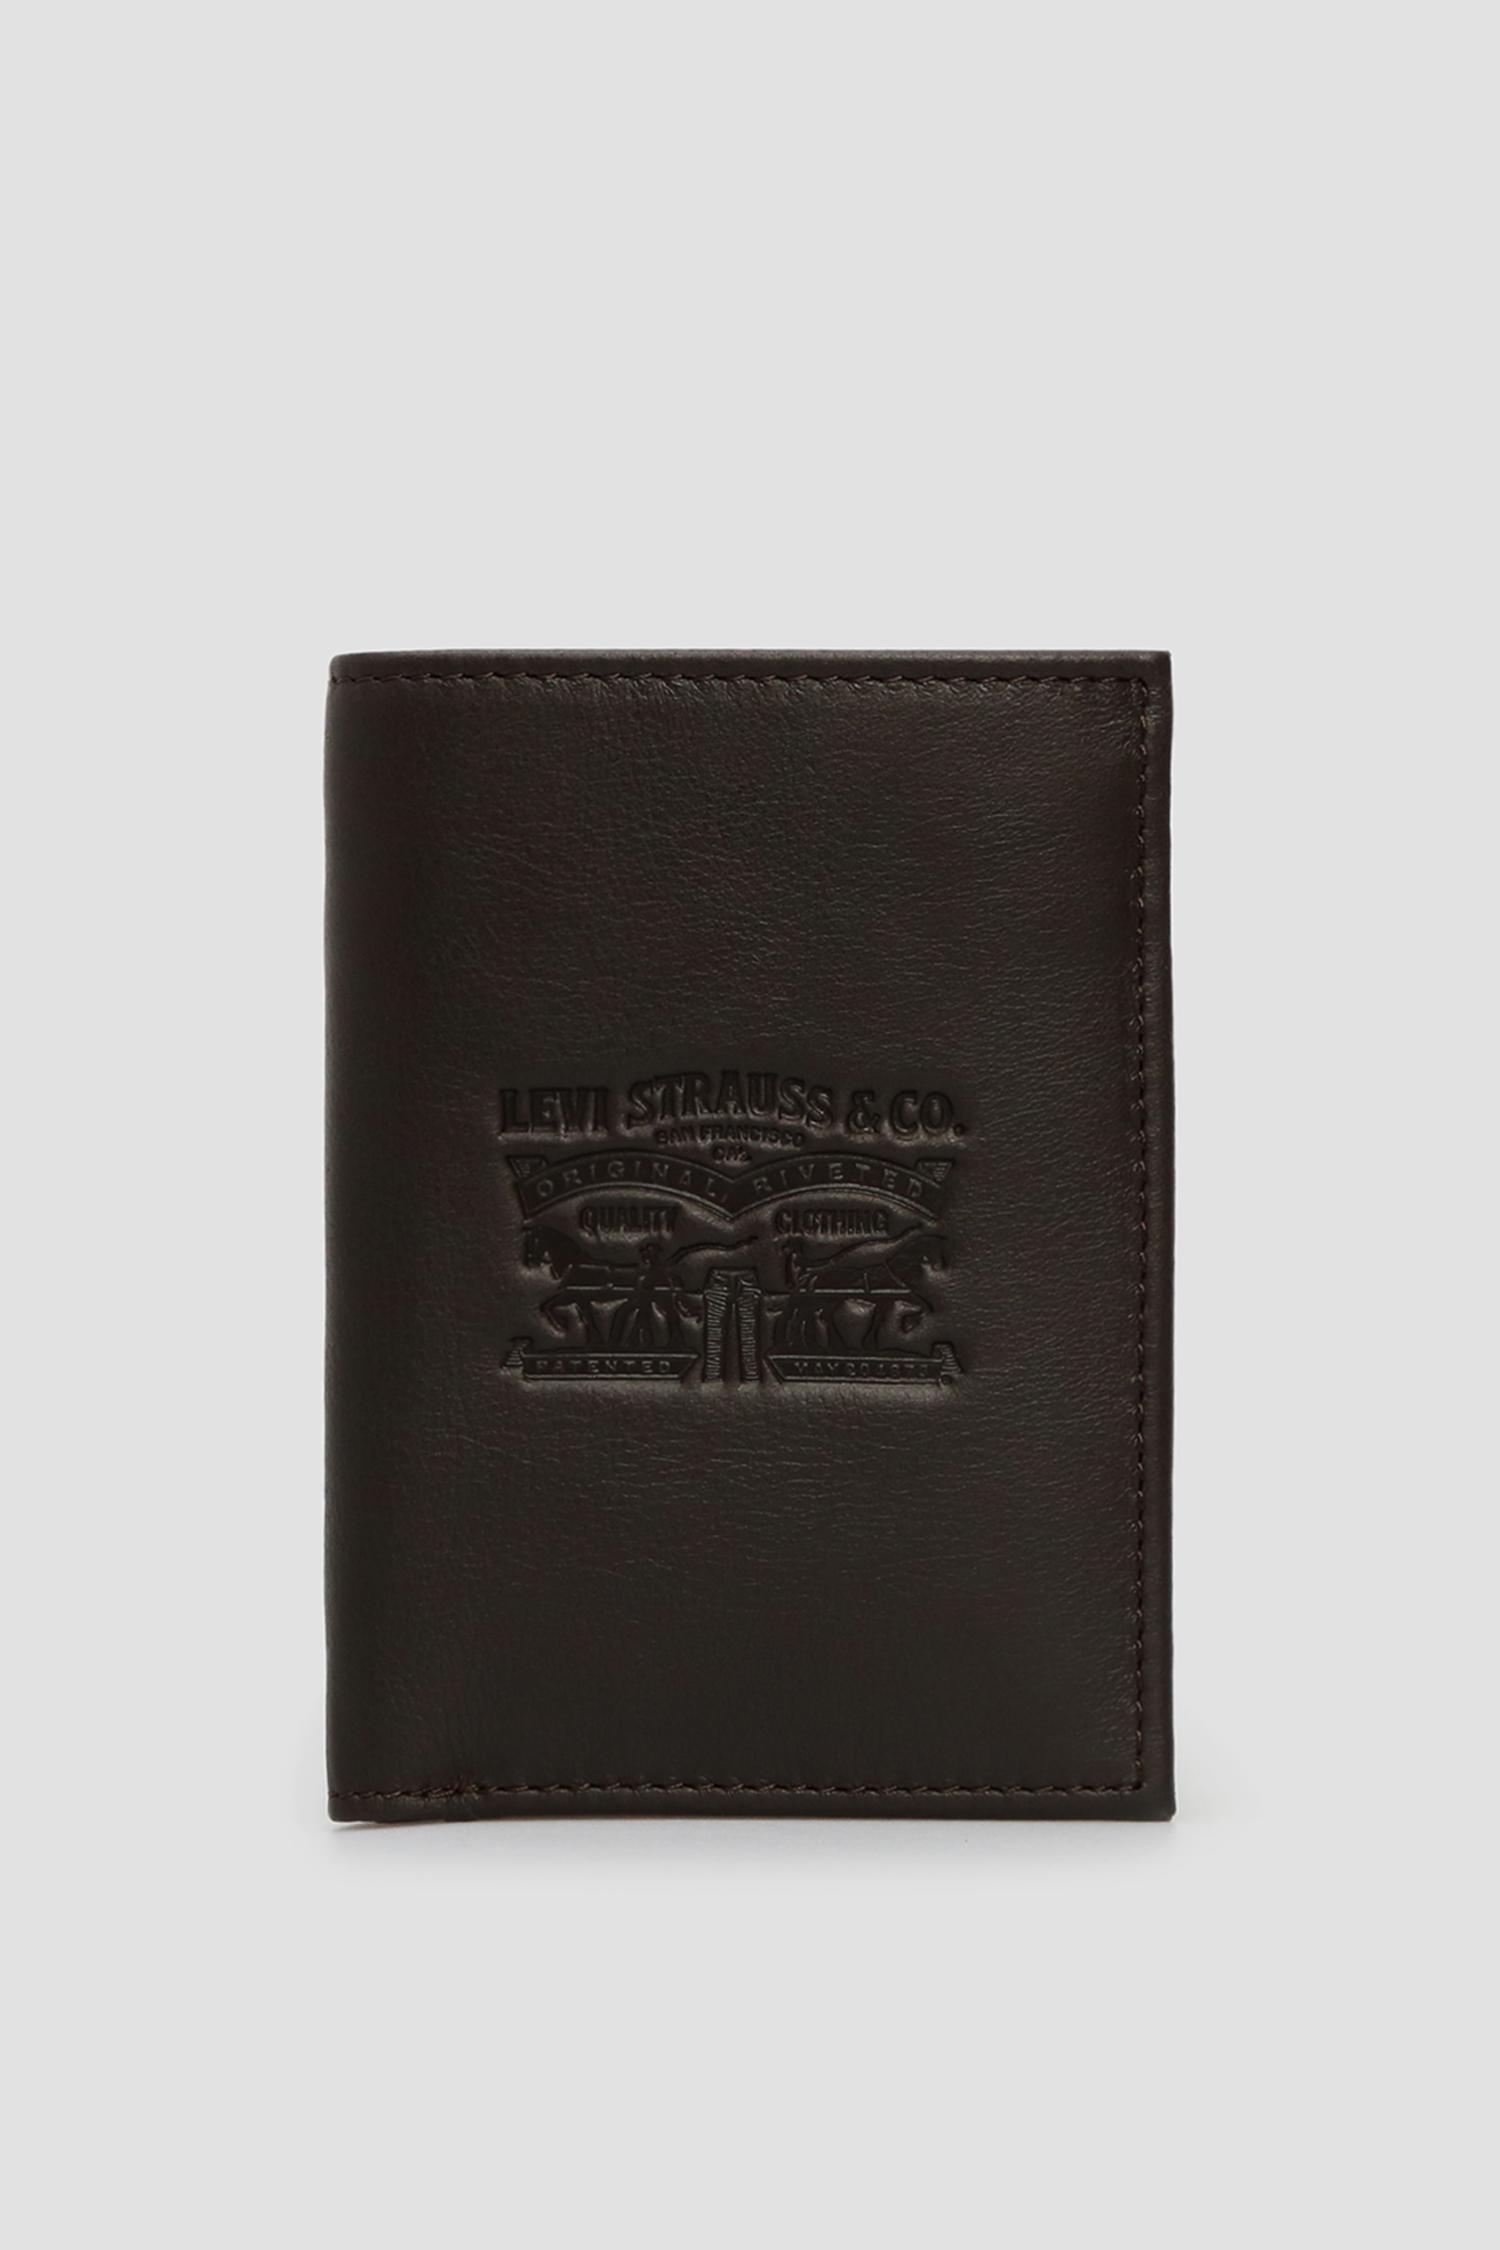 Мужской коричневый кожаный кошелек Levi's 222543;4.29